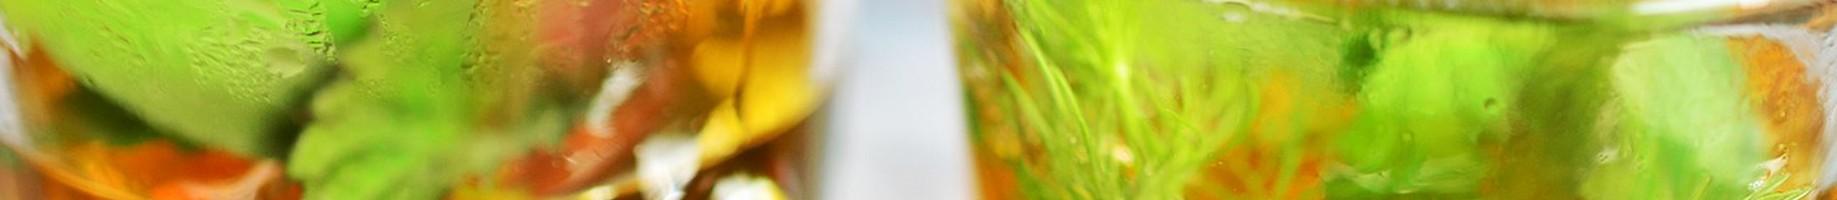 herbal-tea-1410563_1280